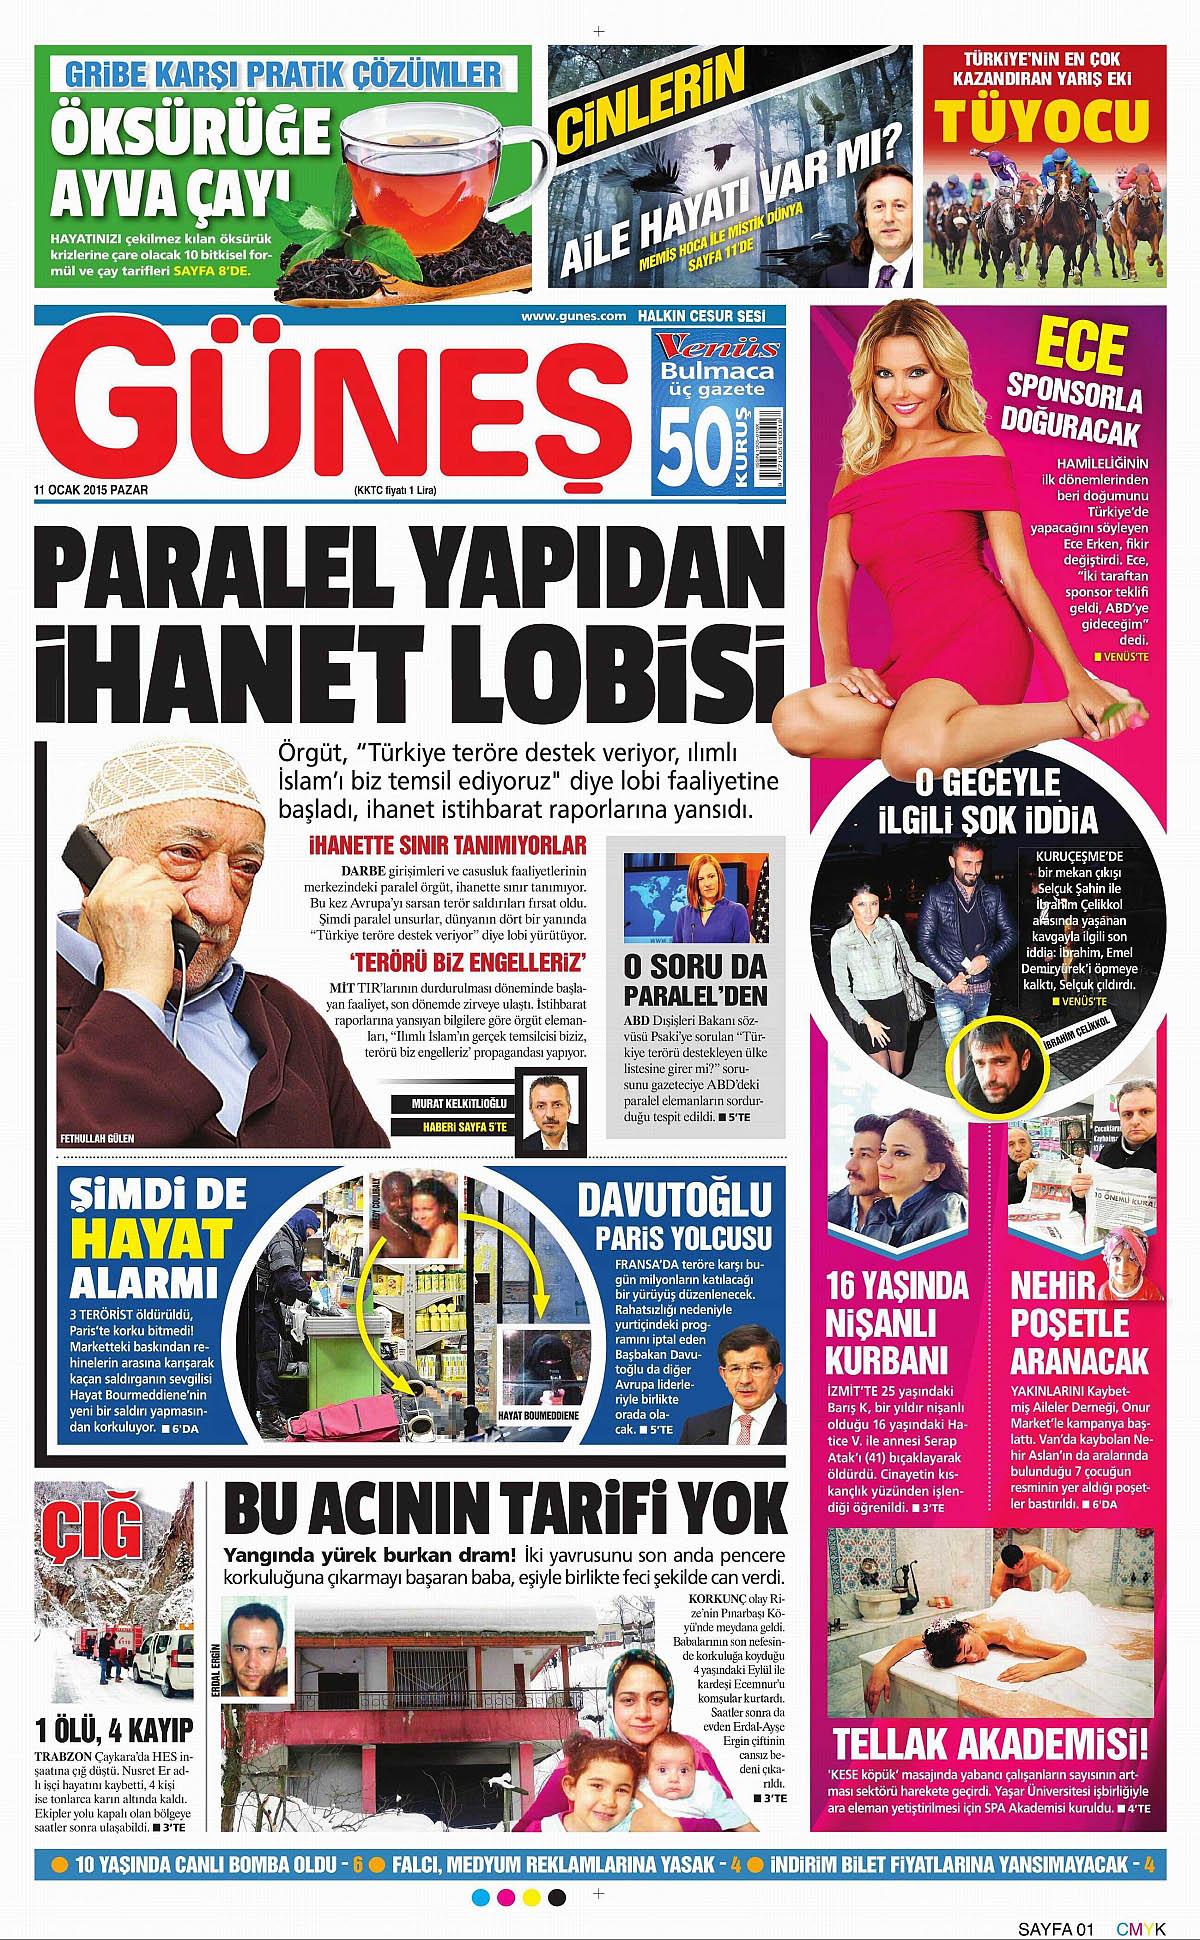 gunes-gazetesi_82319